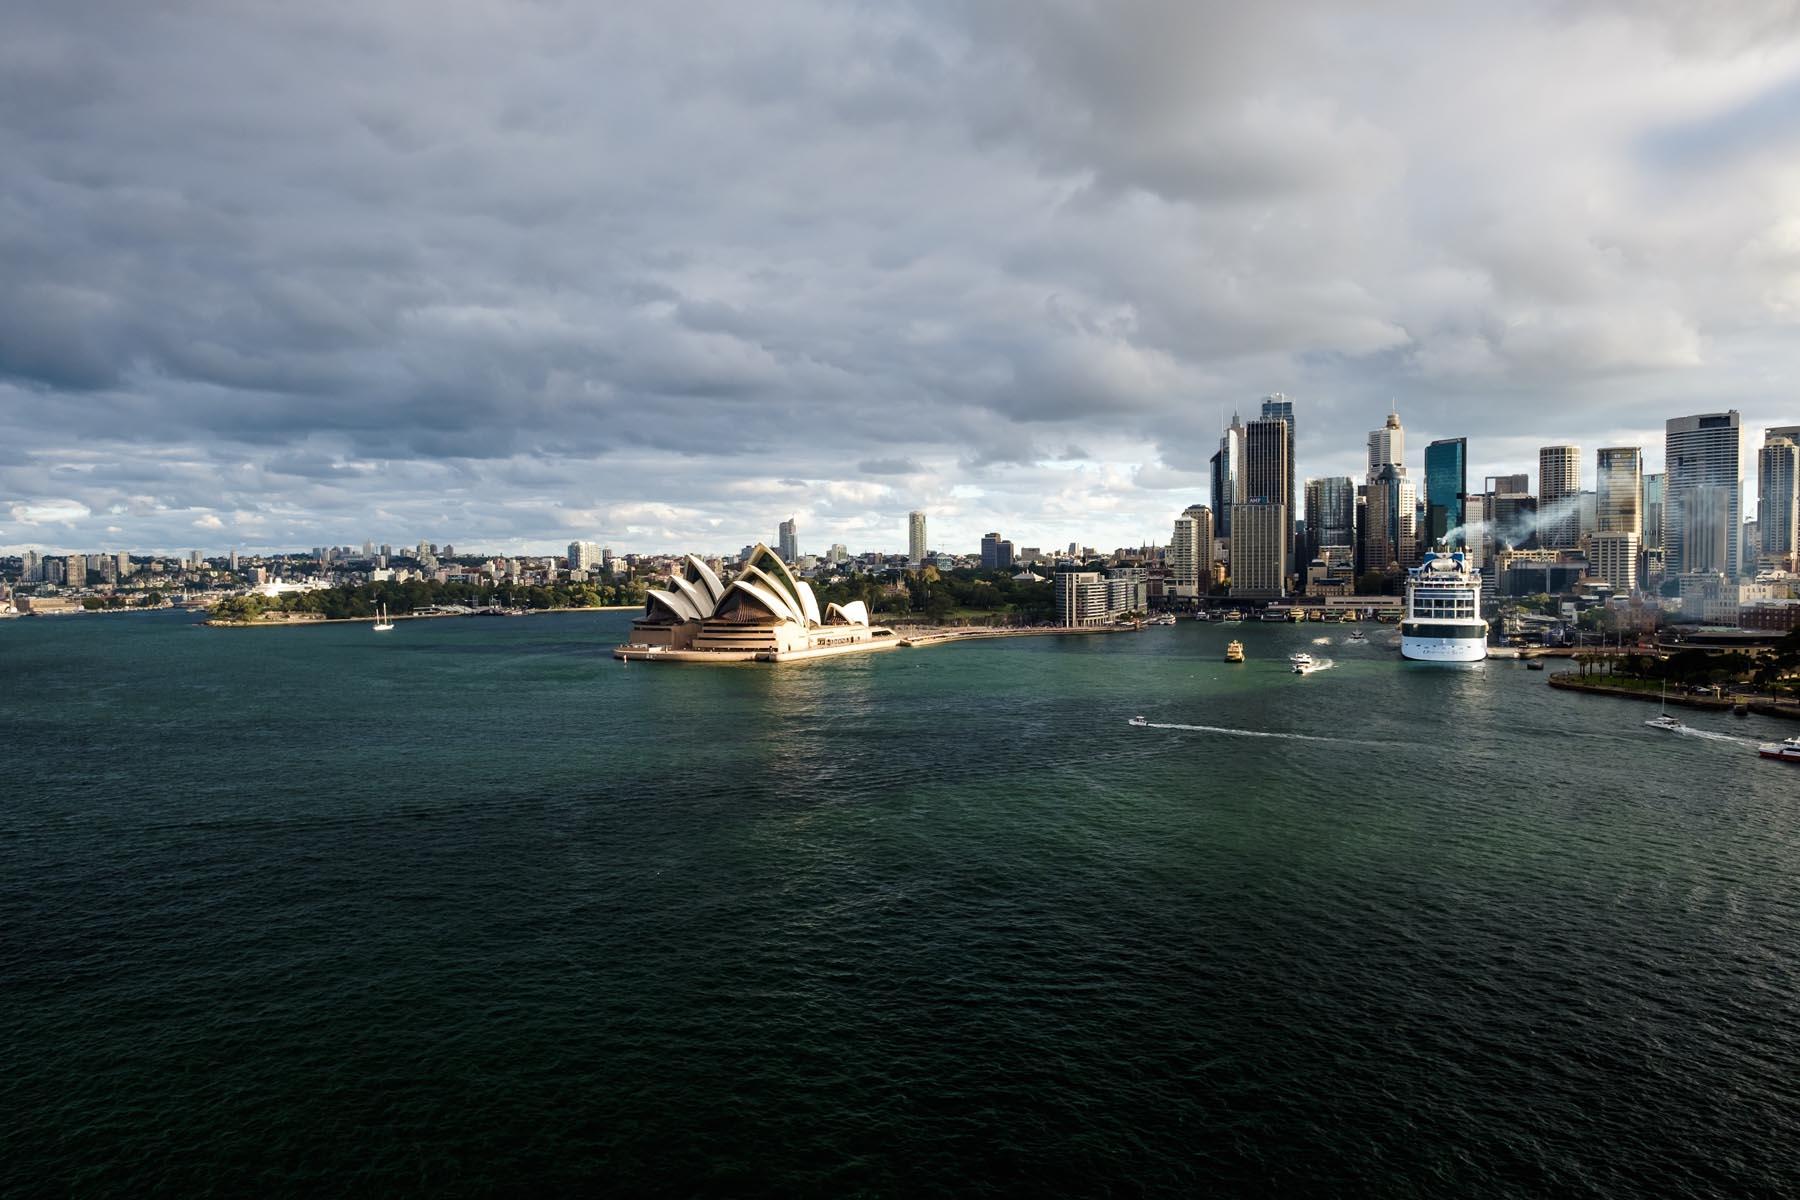 Sydney opera house and cruise ship Australia